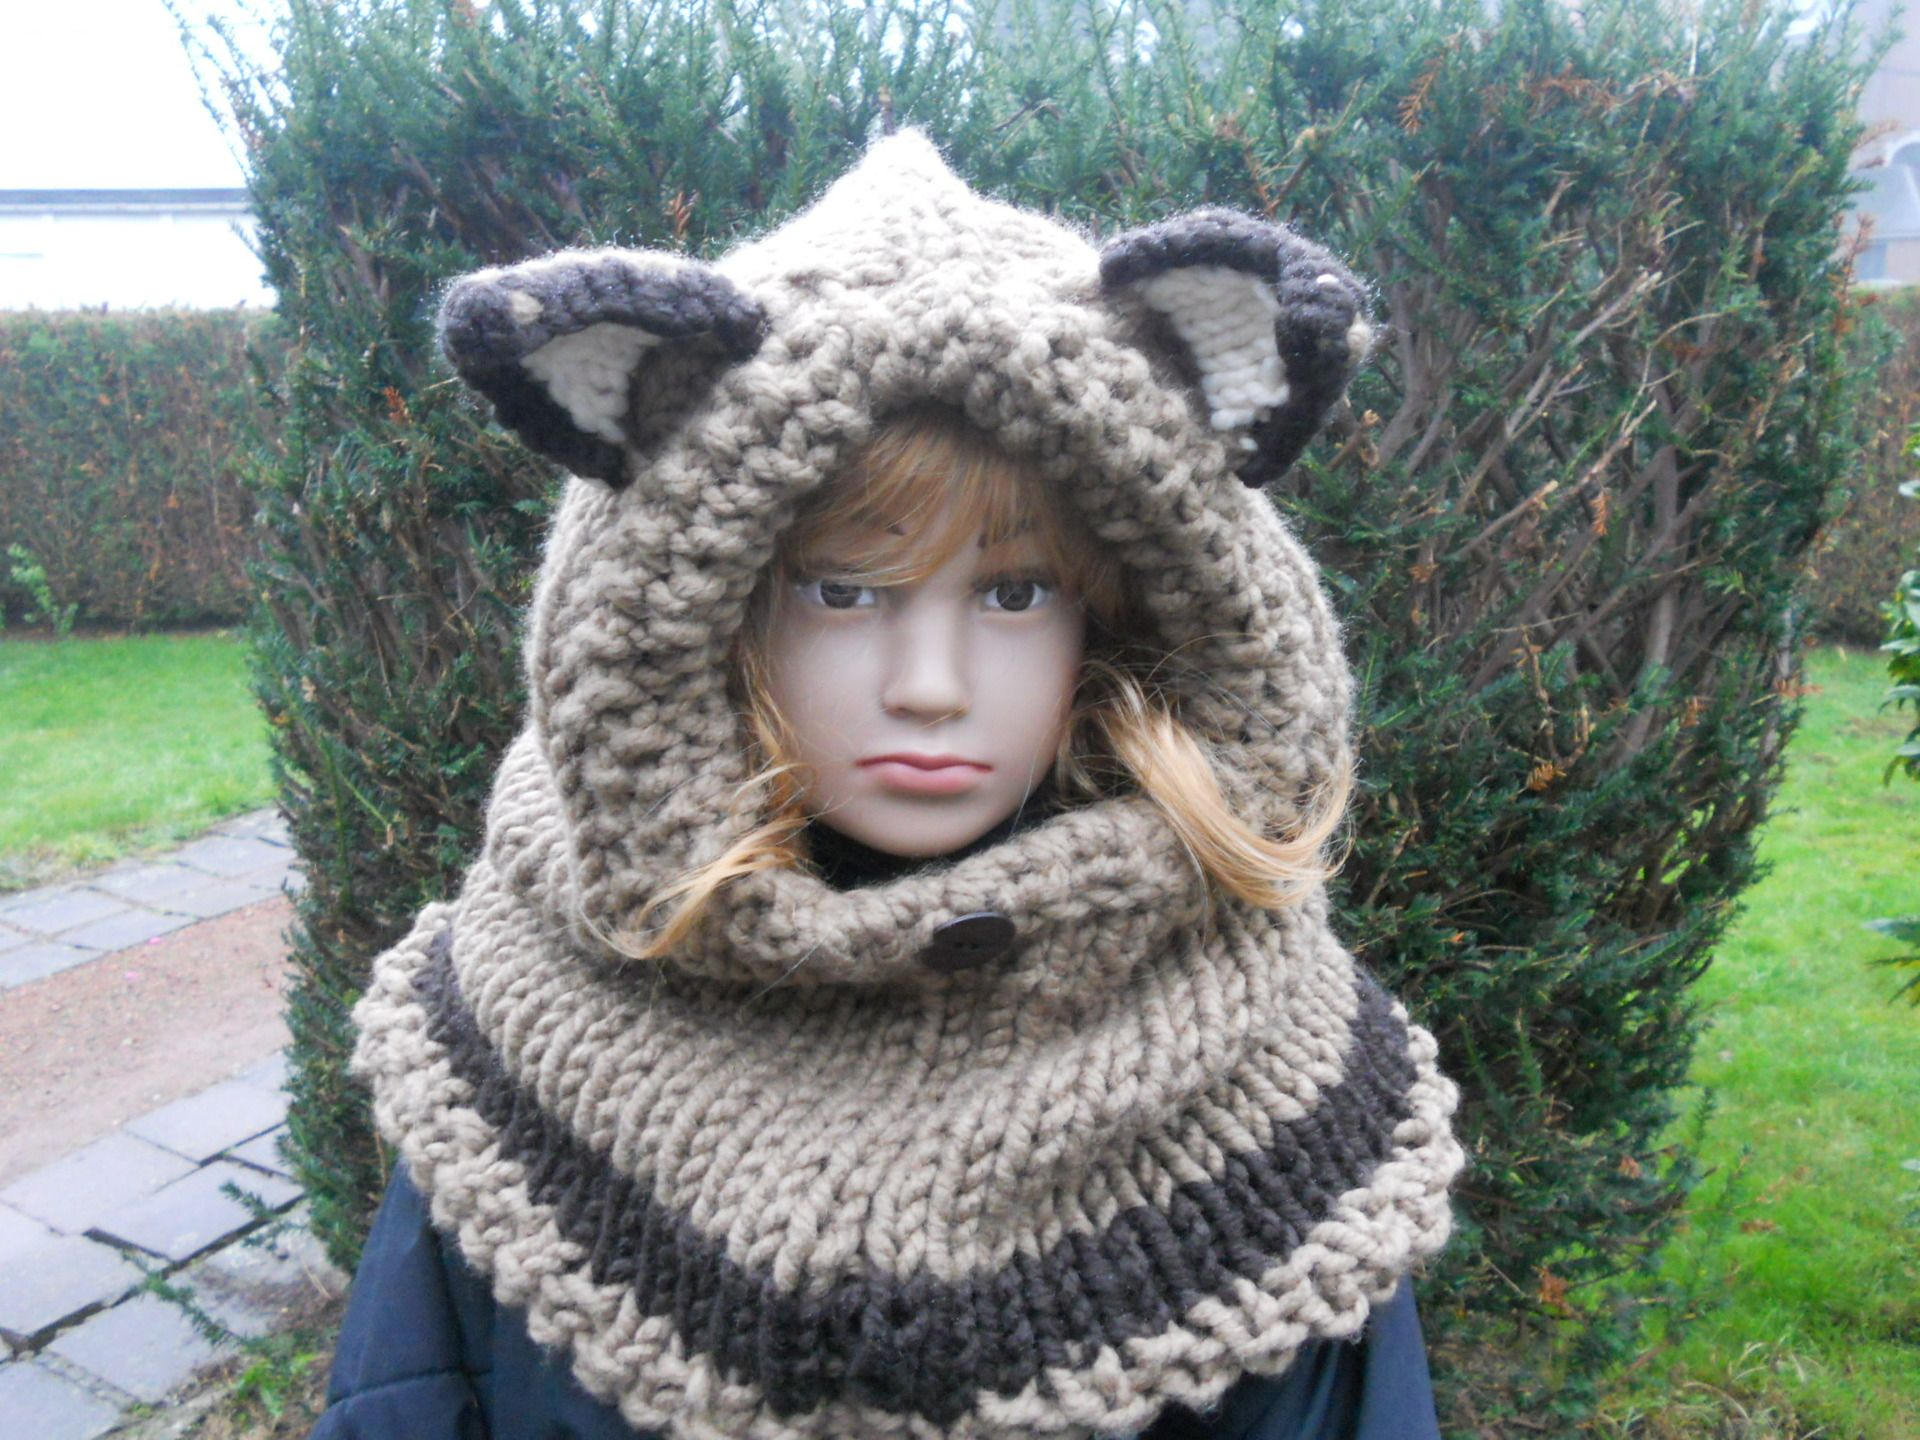 Cagoule à capuchon avec oreilles pointues de renard - Snood à capuchon -  Col à capuche, modèle